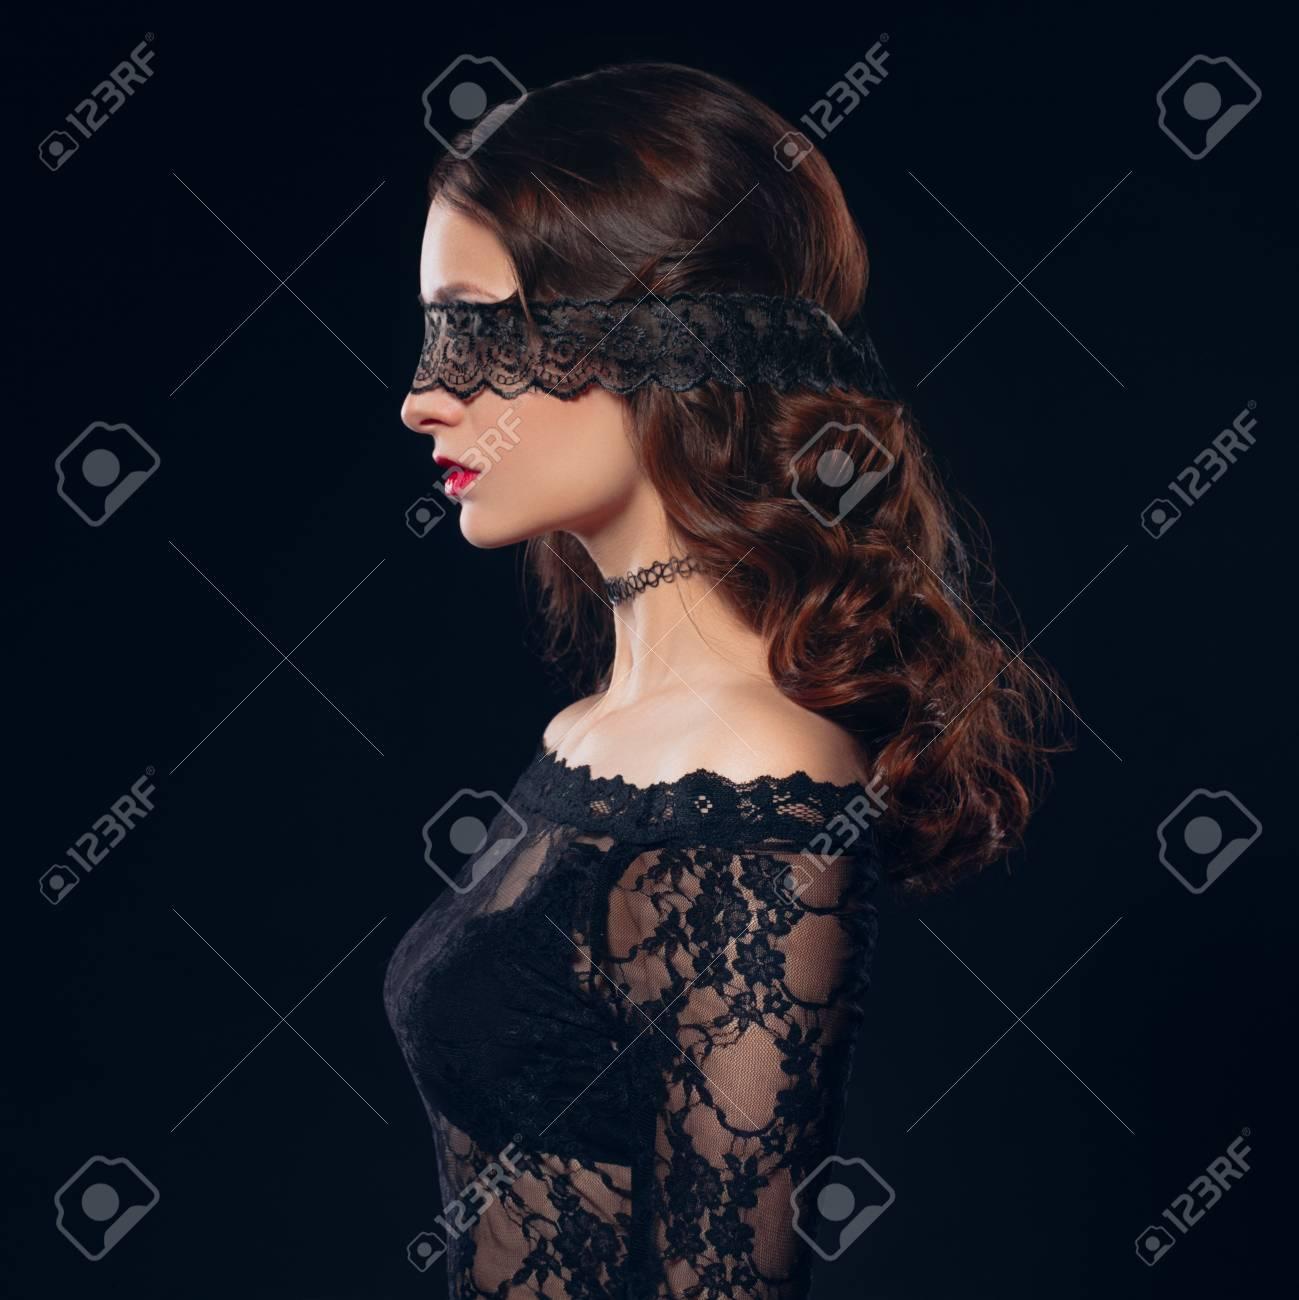 Chica Sexy En Ropa Interior Negro Sobre Fondo Negro Sesión De Fotos Eróticas Con Encanto Atractiva Mujer Con Una Máscara En Su Cara Venda De Los